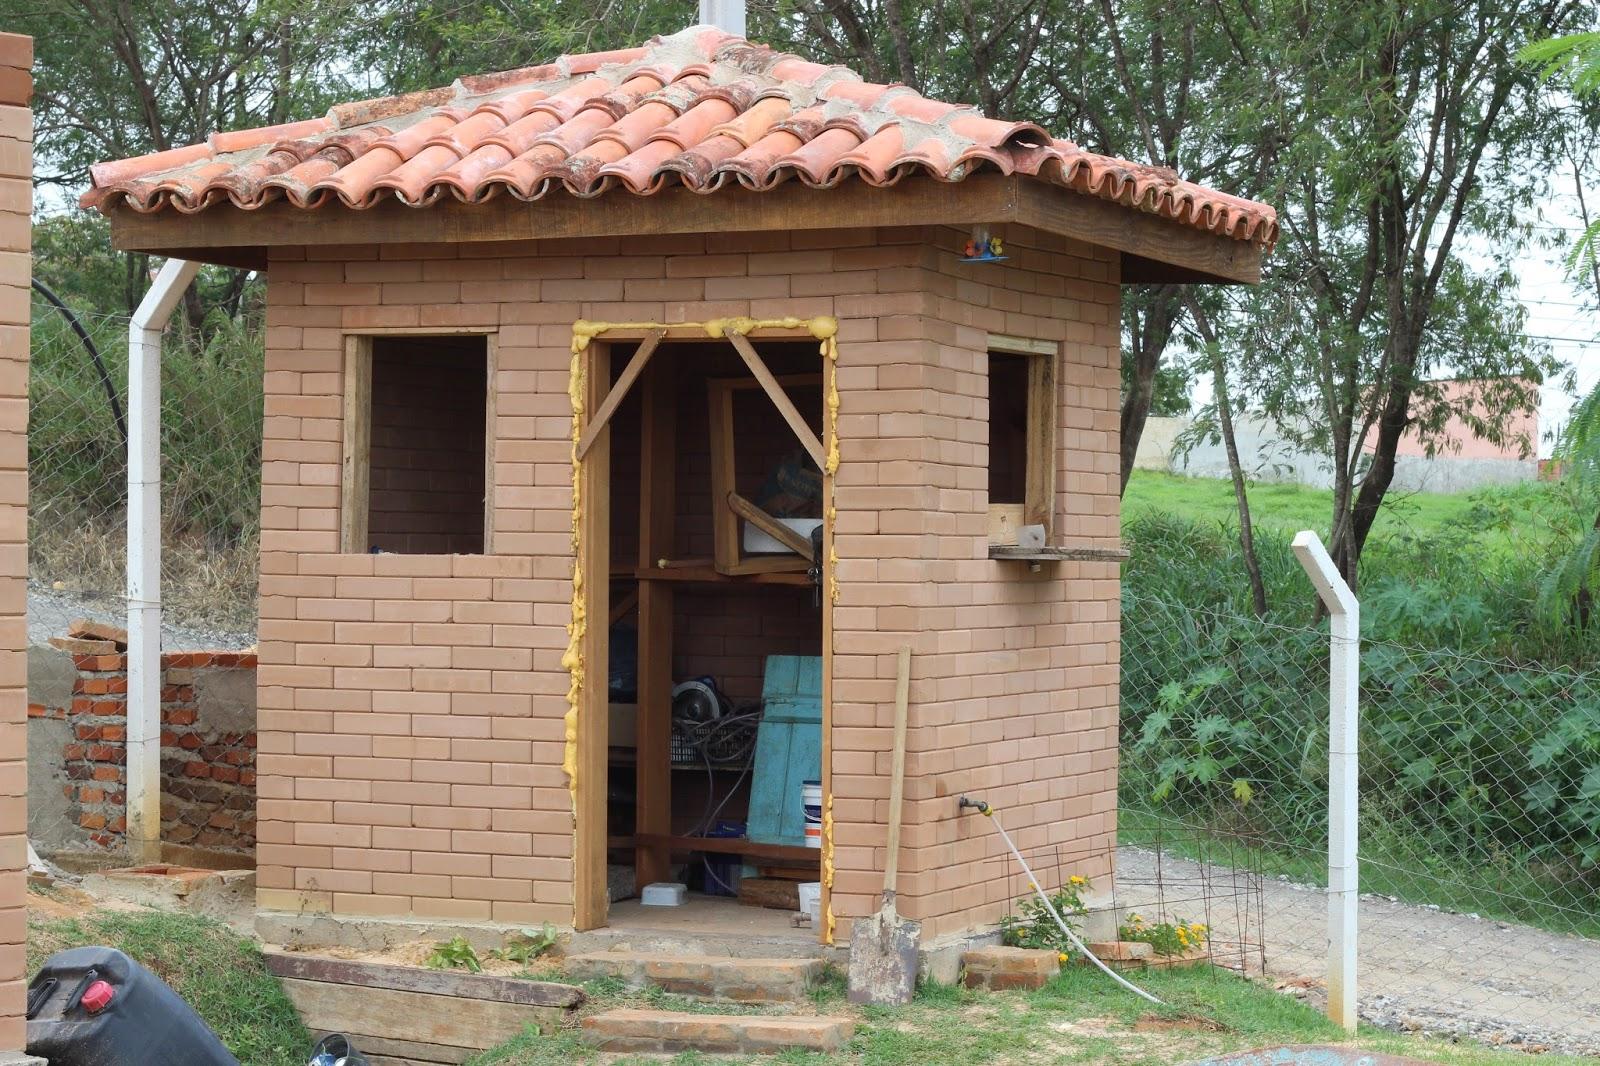 Construindo com tijolo ecologico #654733 1600x1066 Banheiro Com Tijolo Ecologico